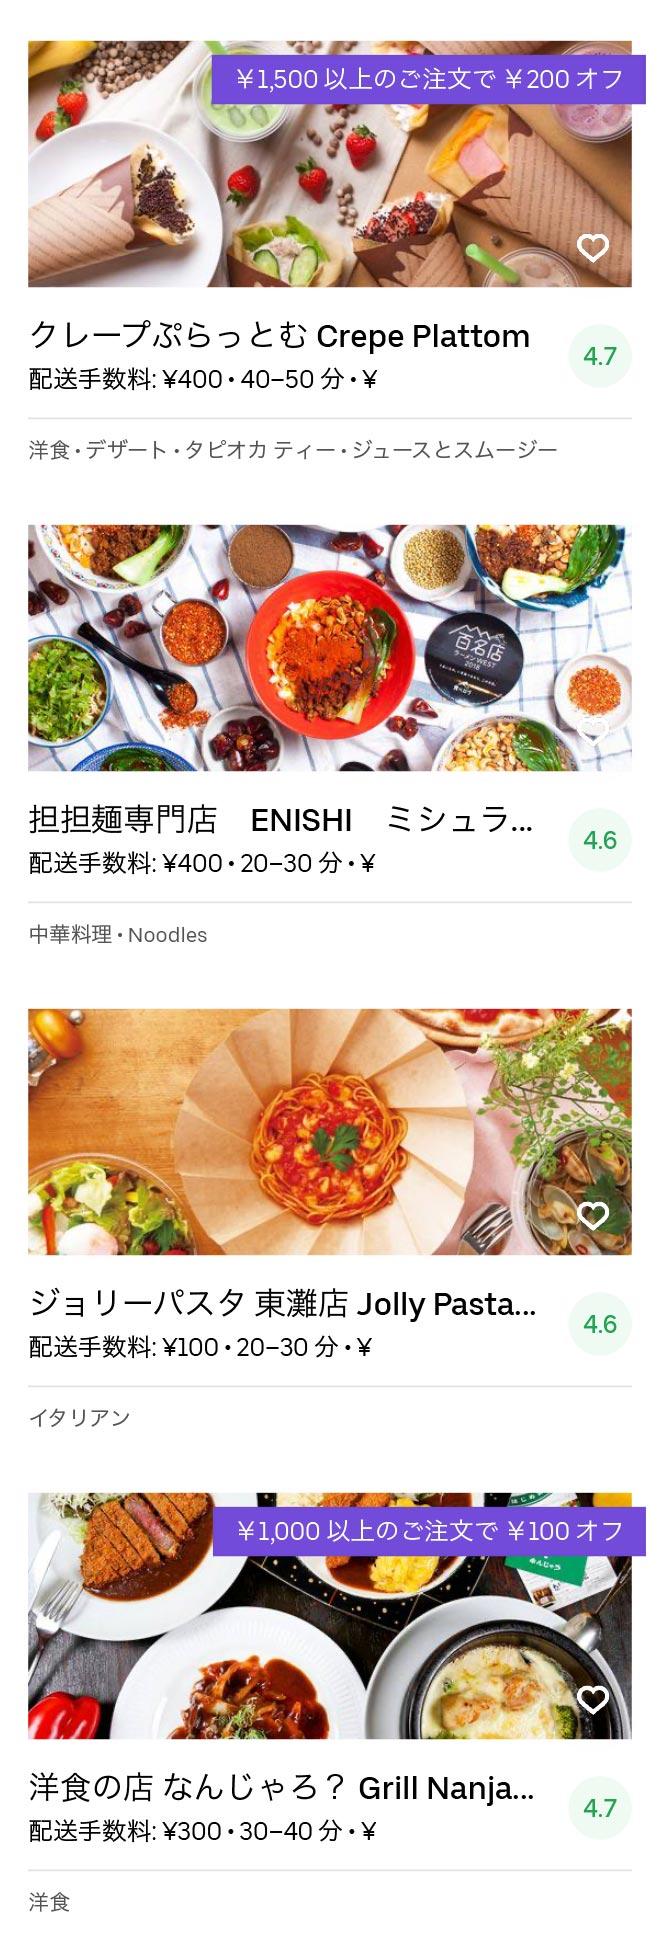 Kobe sumiyoshi menu 2005 03